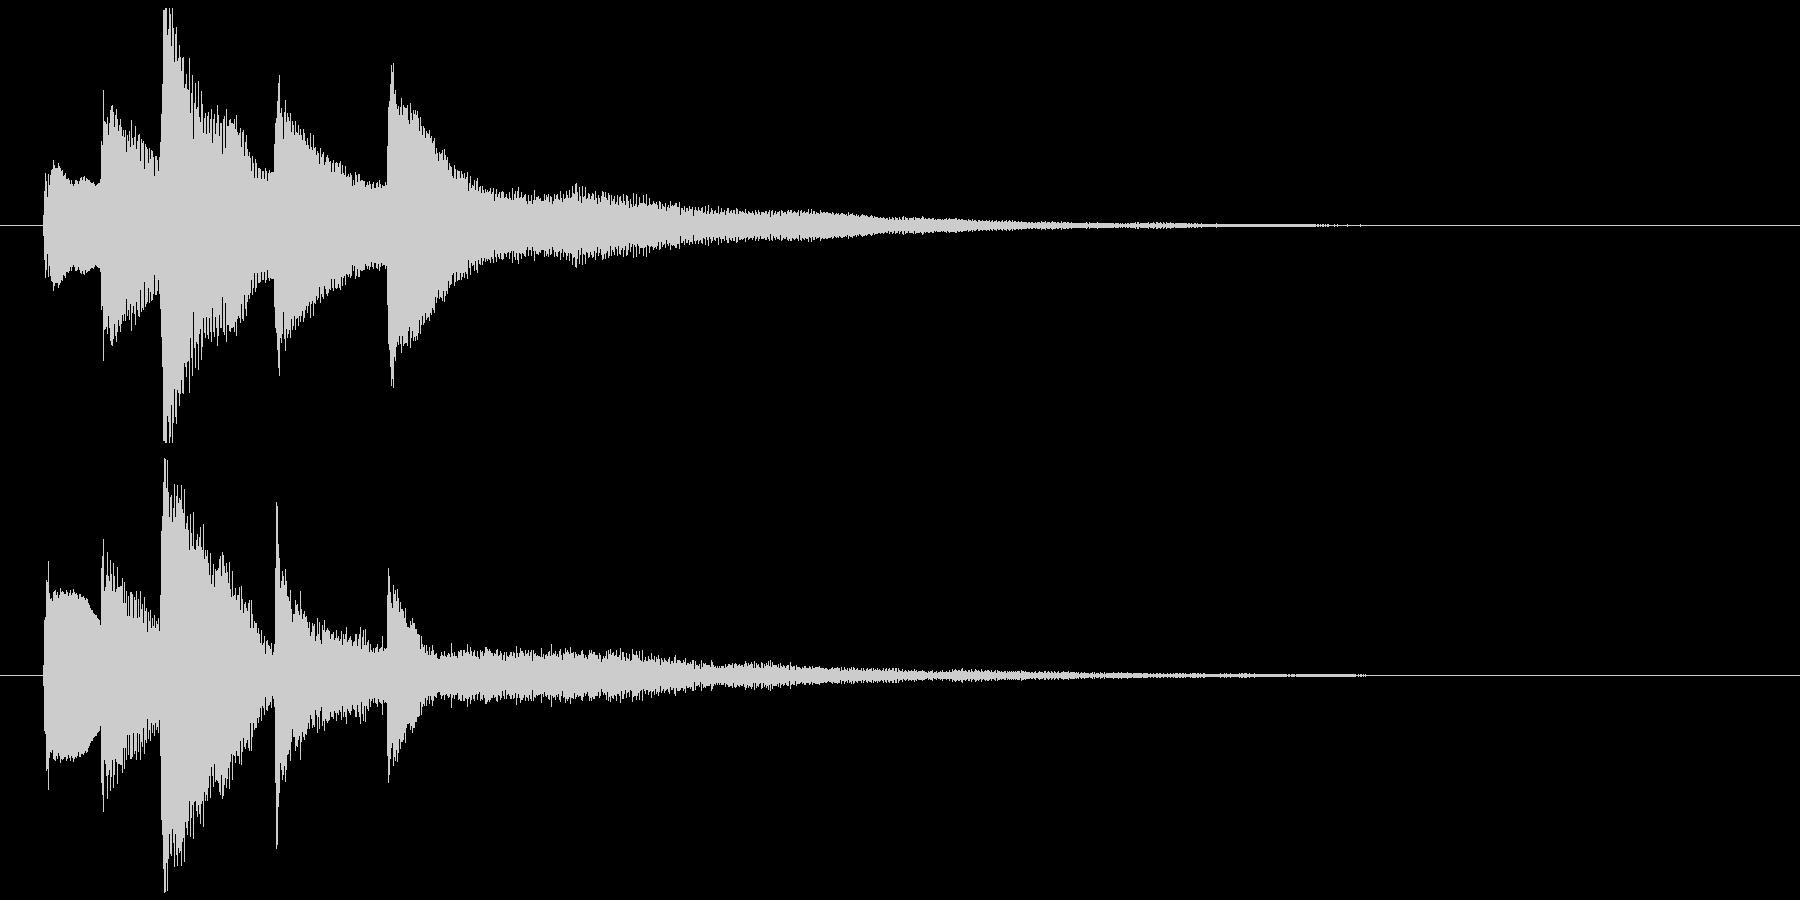 ピアノソロジングル08の未再生の波形